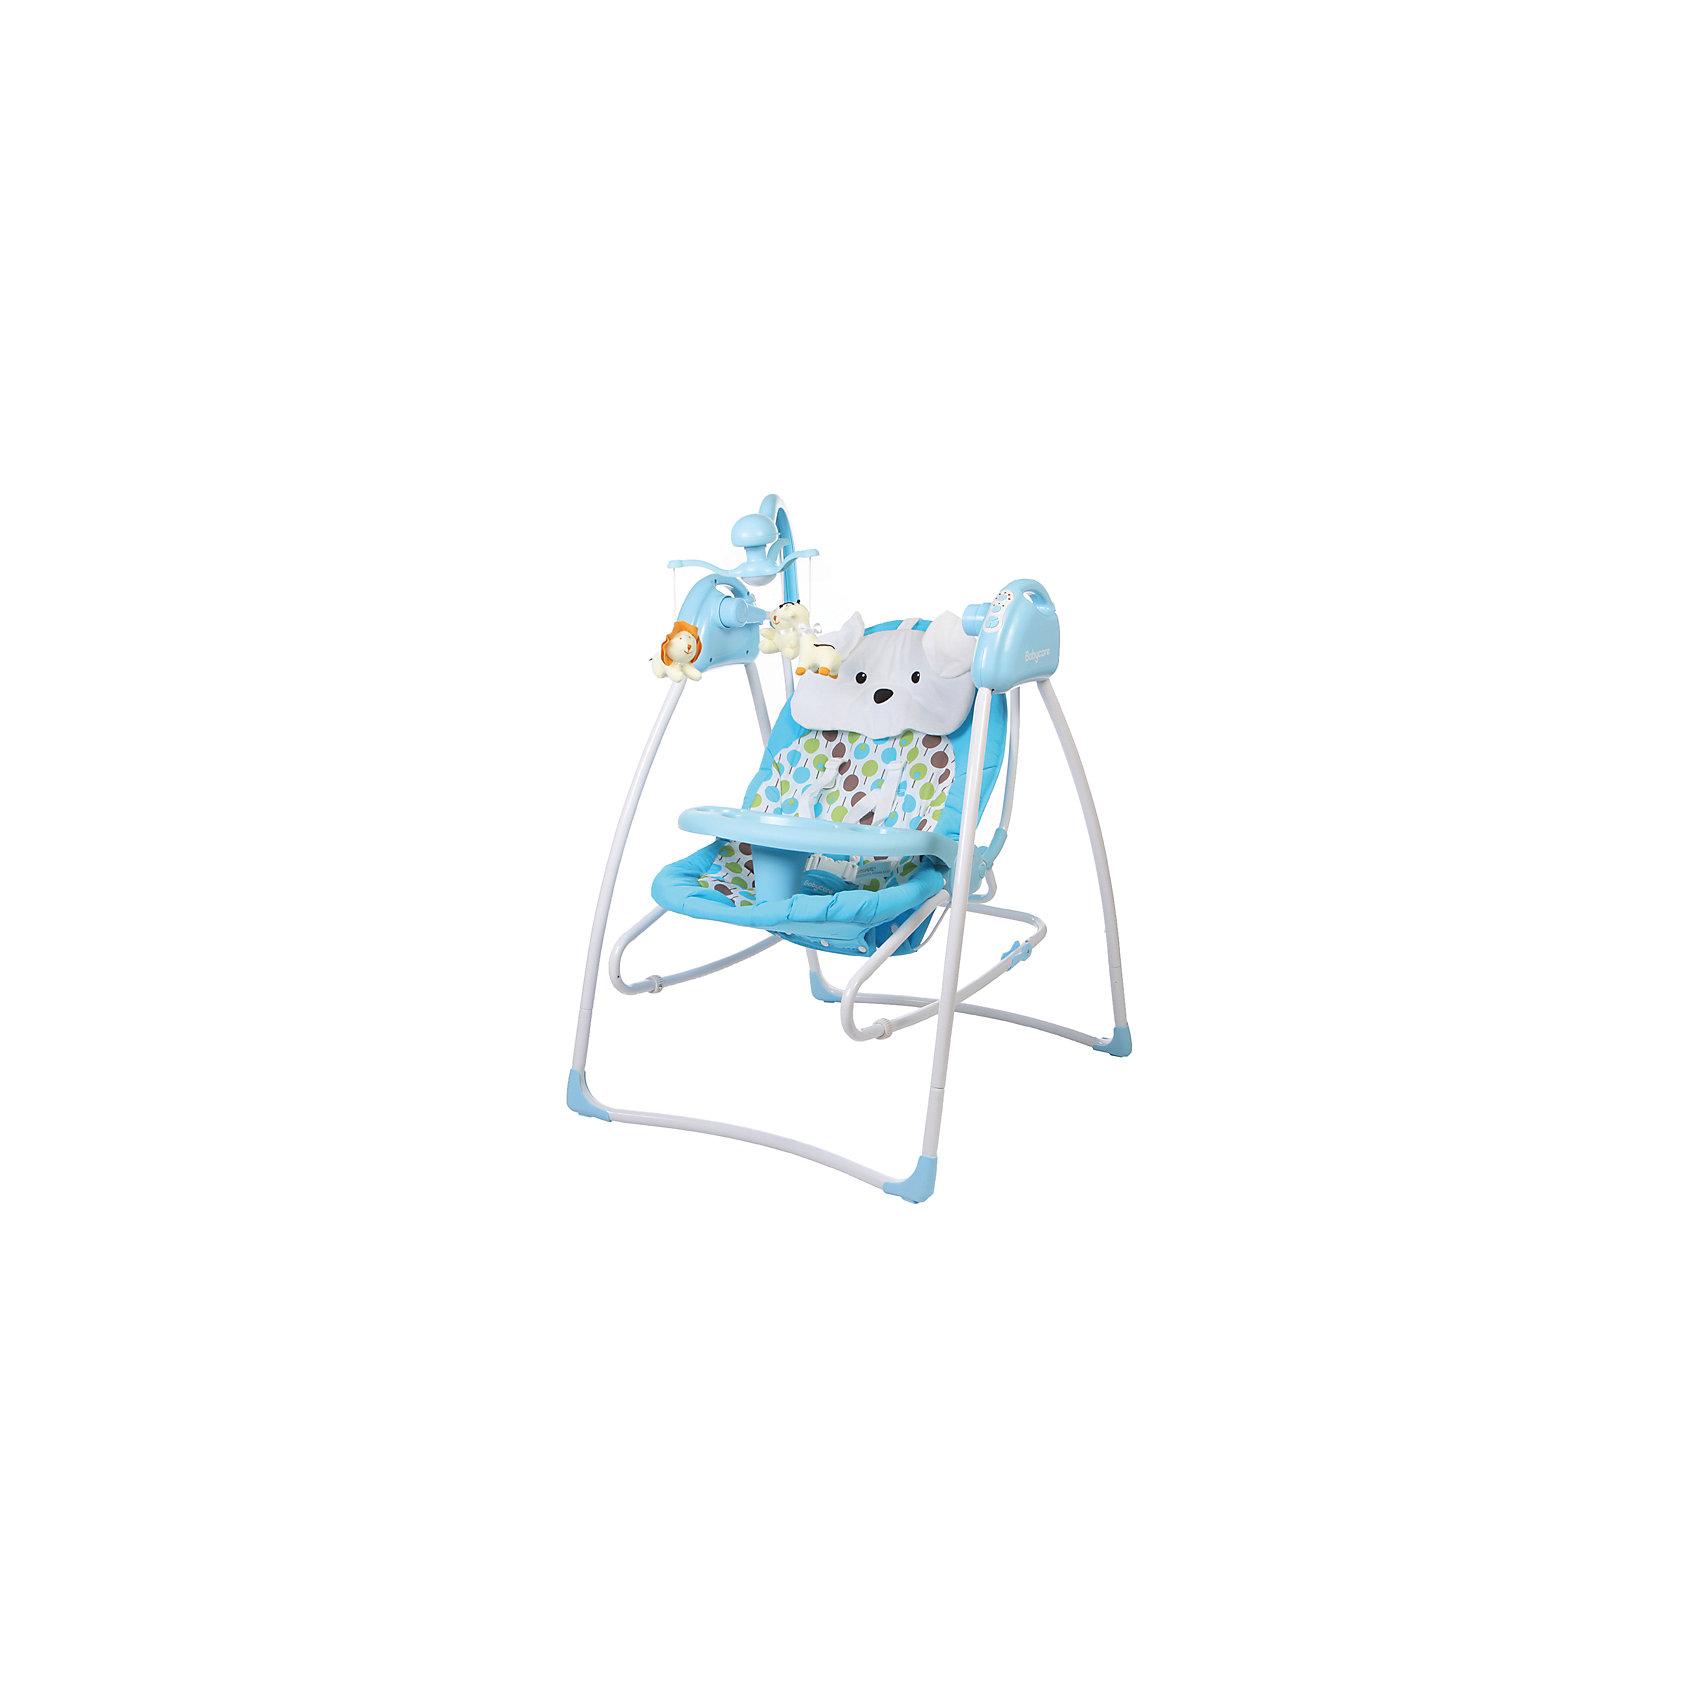 Электрокачели Butterfly 2 в 1 с адаптером, Baby Care, синийНовые яркие электрокачели Baby Care Butterfly 2 в 1 помогут молодым родителям в первые месяцы жизни ребенка. Качели компактные и мобильные, понравятся тем, кто не сидит на месте.<br>Уникальная конструкция качелей позволяет снять сиденье со стоек - таким образом качели легко и быстро превращаются в шезлонг для новорожденного! <br>Ваш малыш будет рад такой новинке!<br><br>Особенности:<br>Рекомендовано для детей c рождения до 6 месяцев (весом до 15 кг).<br>- 3 положения спинки;<br>- 5-точеные ремни безопасности;<br>- 5 скоростей укачивания;<br>- 12 мелодий;<br>- Регулировка громкости;<br>- Таймер;<br>- Дуга с игрушками;<br>- Сиденье снимается и становится рокером (шезлонгом) для модели 2 в 1;<br>- Обивку сидения можно стирать в холодной воде;<br>- Сетевой адаптер в комплекте.<br> <br> Размеры в разложенном виде - 78х69х101 см.<br> Размеры в сложенном виде - 69х69х106 см (2в1) <br> Расстояние от пола до сидения - 38 см.<br> Размеры сидения - 80х45 см.<br> Вес –  8.2 кг(2в1).<br><br>Дополнительная информация: <br><br>- Размер упаковки: 73х51х29 см.<br>- Вес в упаковке: 8700 кг.<br><br>Электрокачели Butterfly 2 в 1 с адаптером можно купить в нашем магазине.<br><br>Ширина мм: 730<br>Глубина мм: 510<br>Высота мм: 290<br>Вес г: 8700<br>Возраст от месяцев: 2<br>Возраст до месяцев: 6<br>Пол: Унисекс<br>Возраст: Детский<br>SKU: 4746885